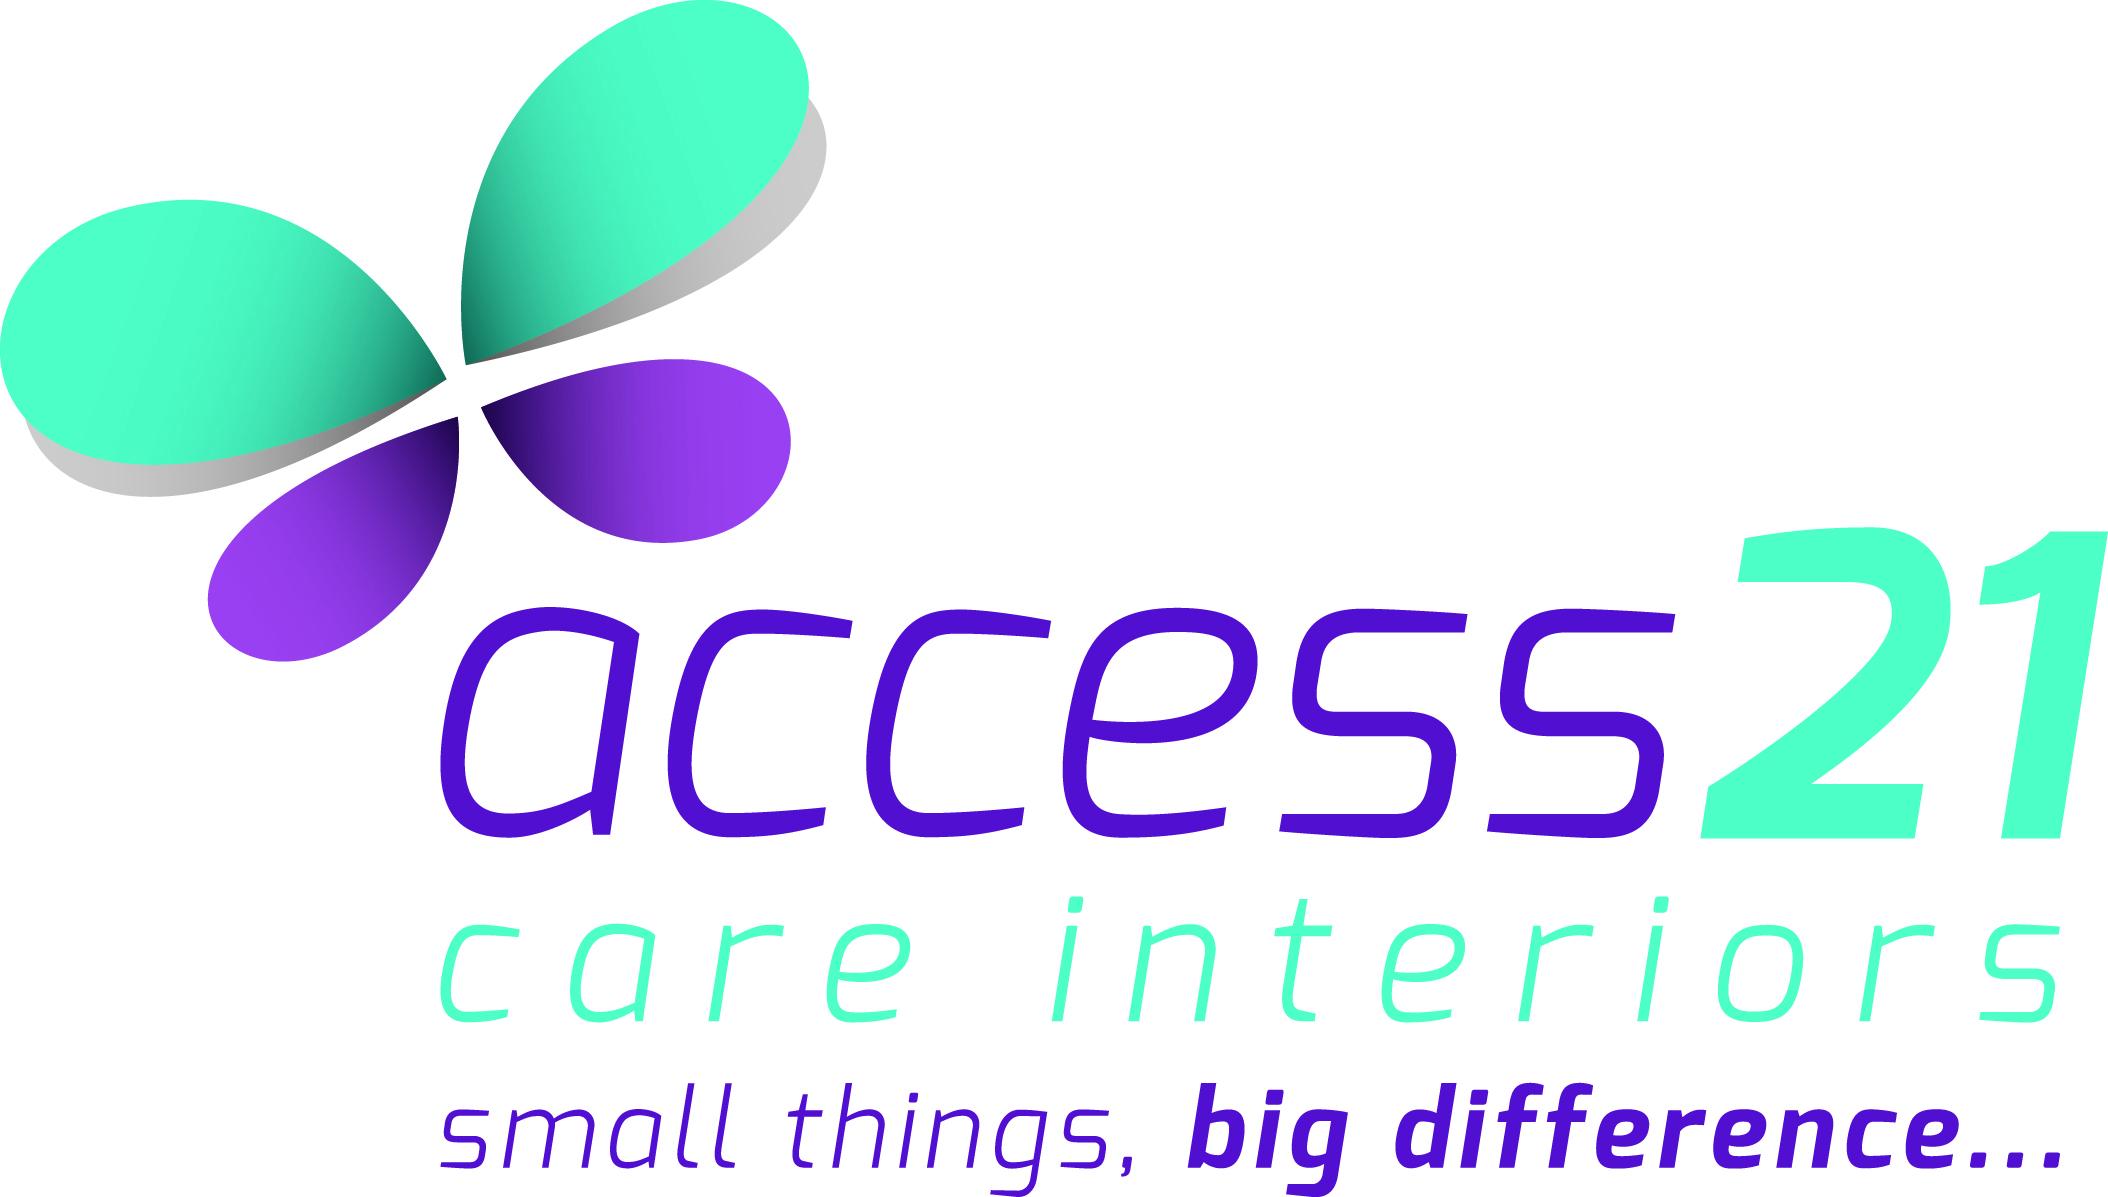 Healthcare Interior Design Company Launches New Brand At